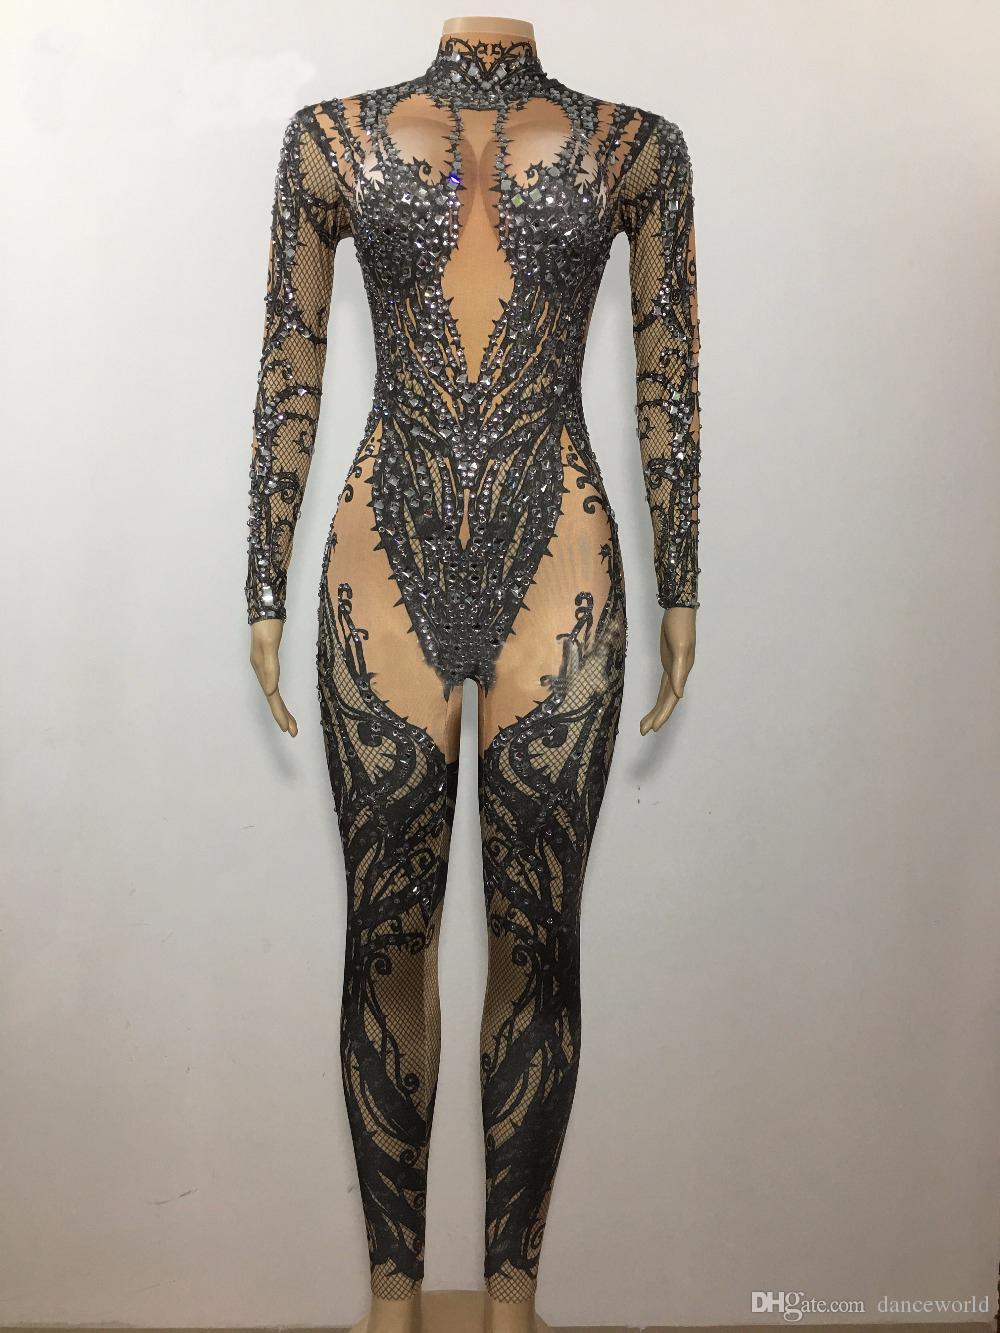 DJ Songbird Seksi Siyah Çıplak Rhinestone Tulum Seksi Gece Kulübü Bar Aşınma Taşlar Bodysuit Tayt Balo Kıyafeti Kıyafet Performans Elbise